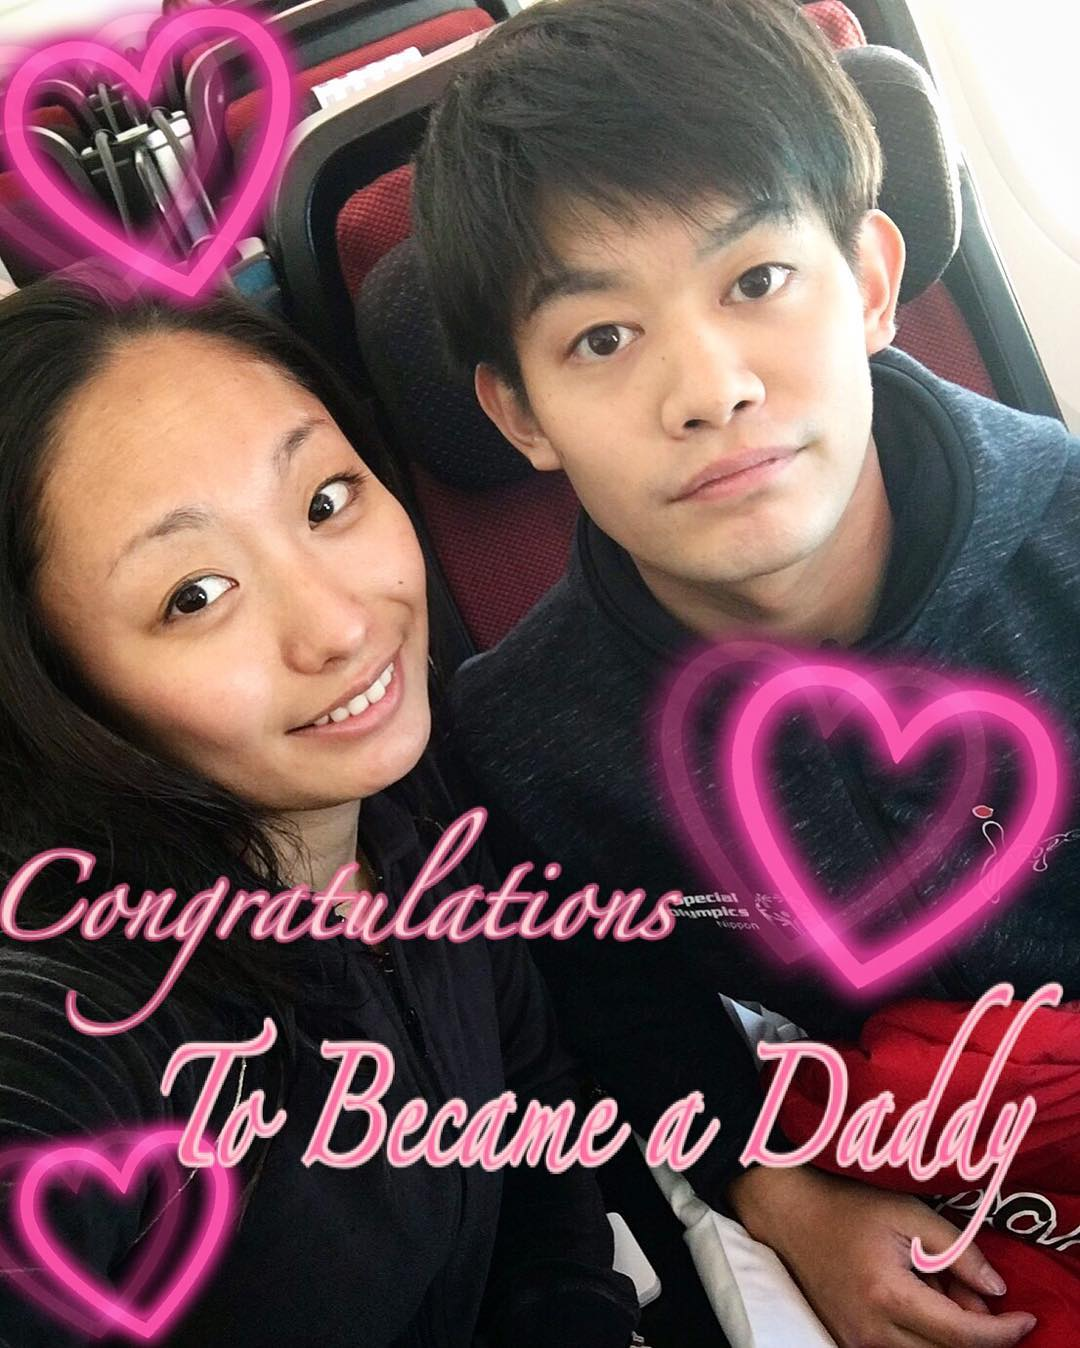 安藤美姫さんが小塚崇彦氏の赤ちゃん誕生に送った一枚のお祝い写真に賛否両論